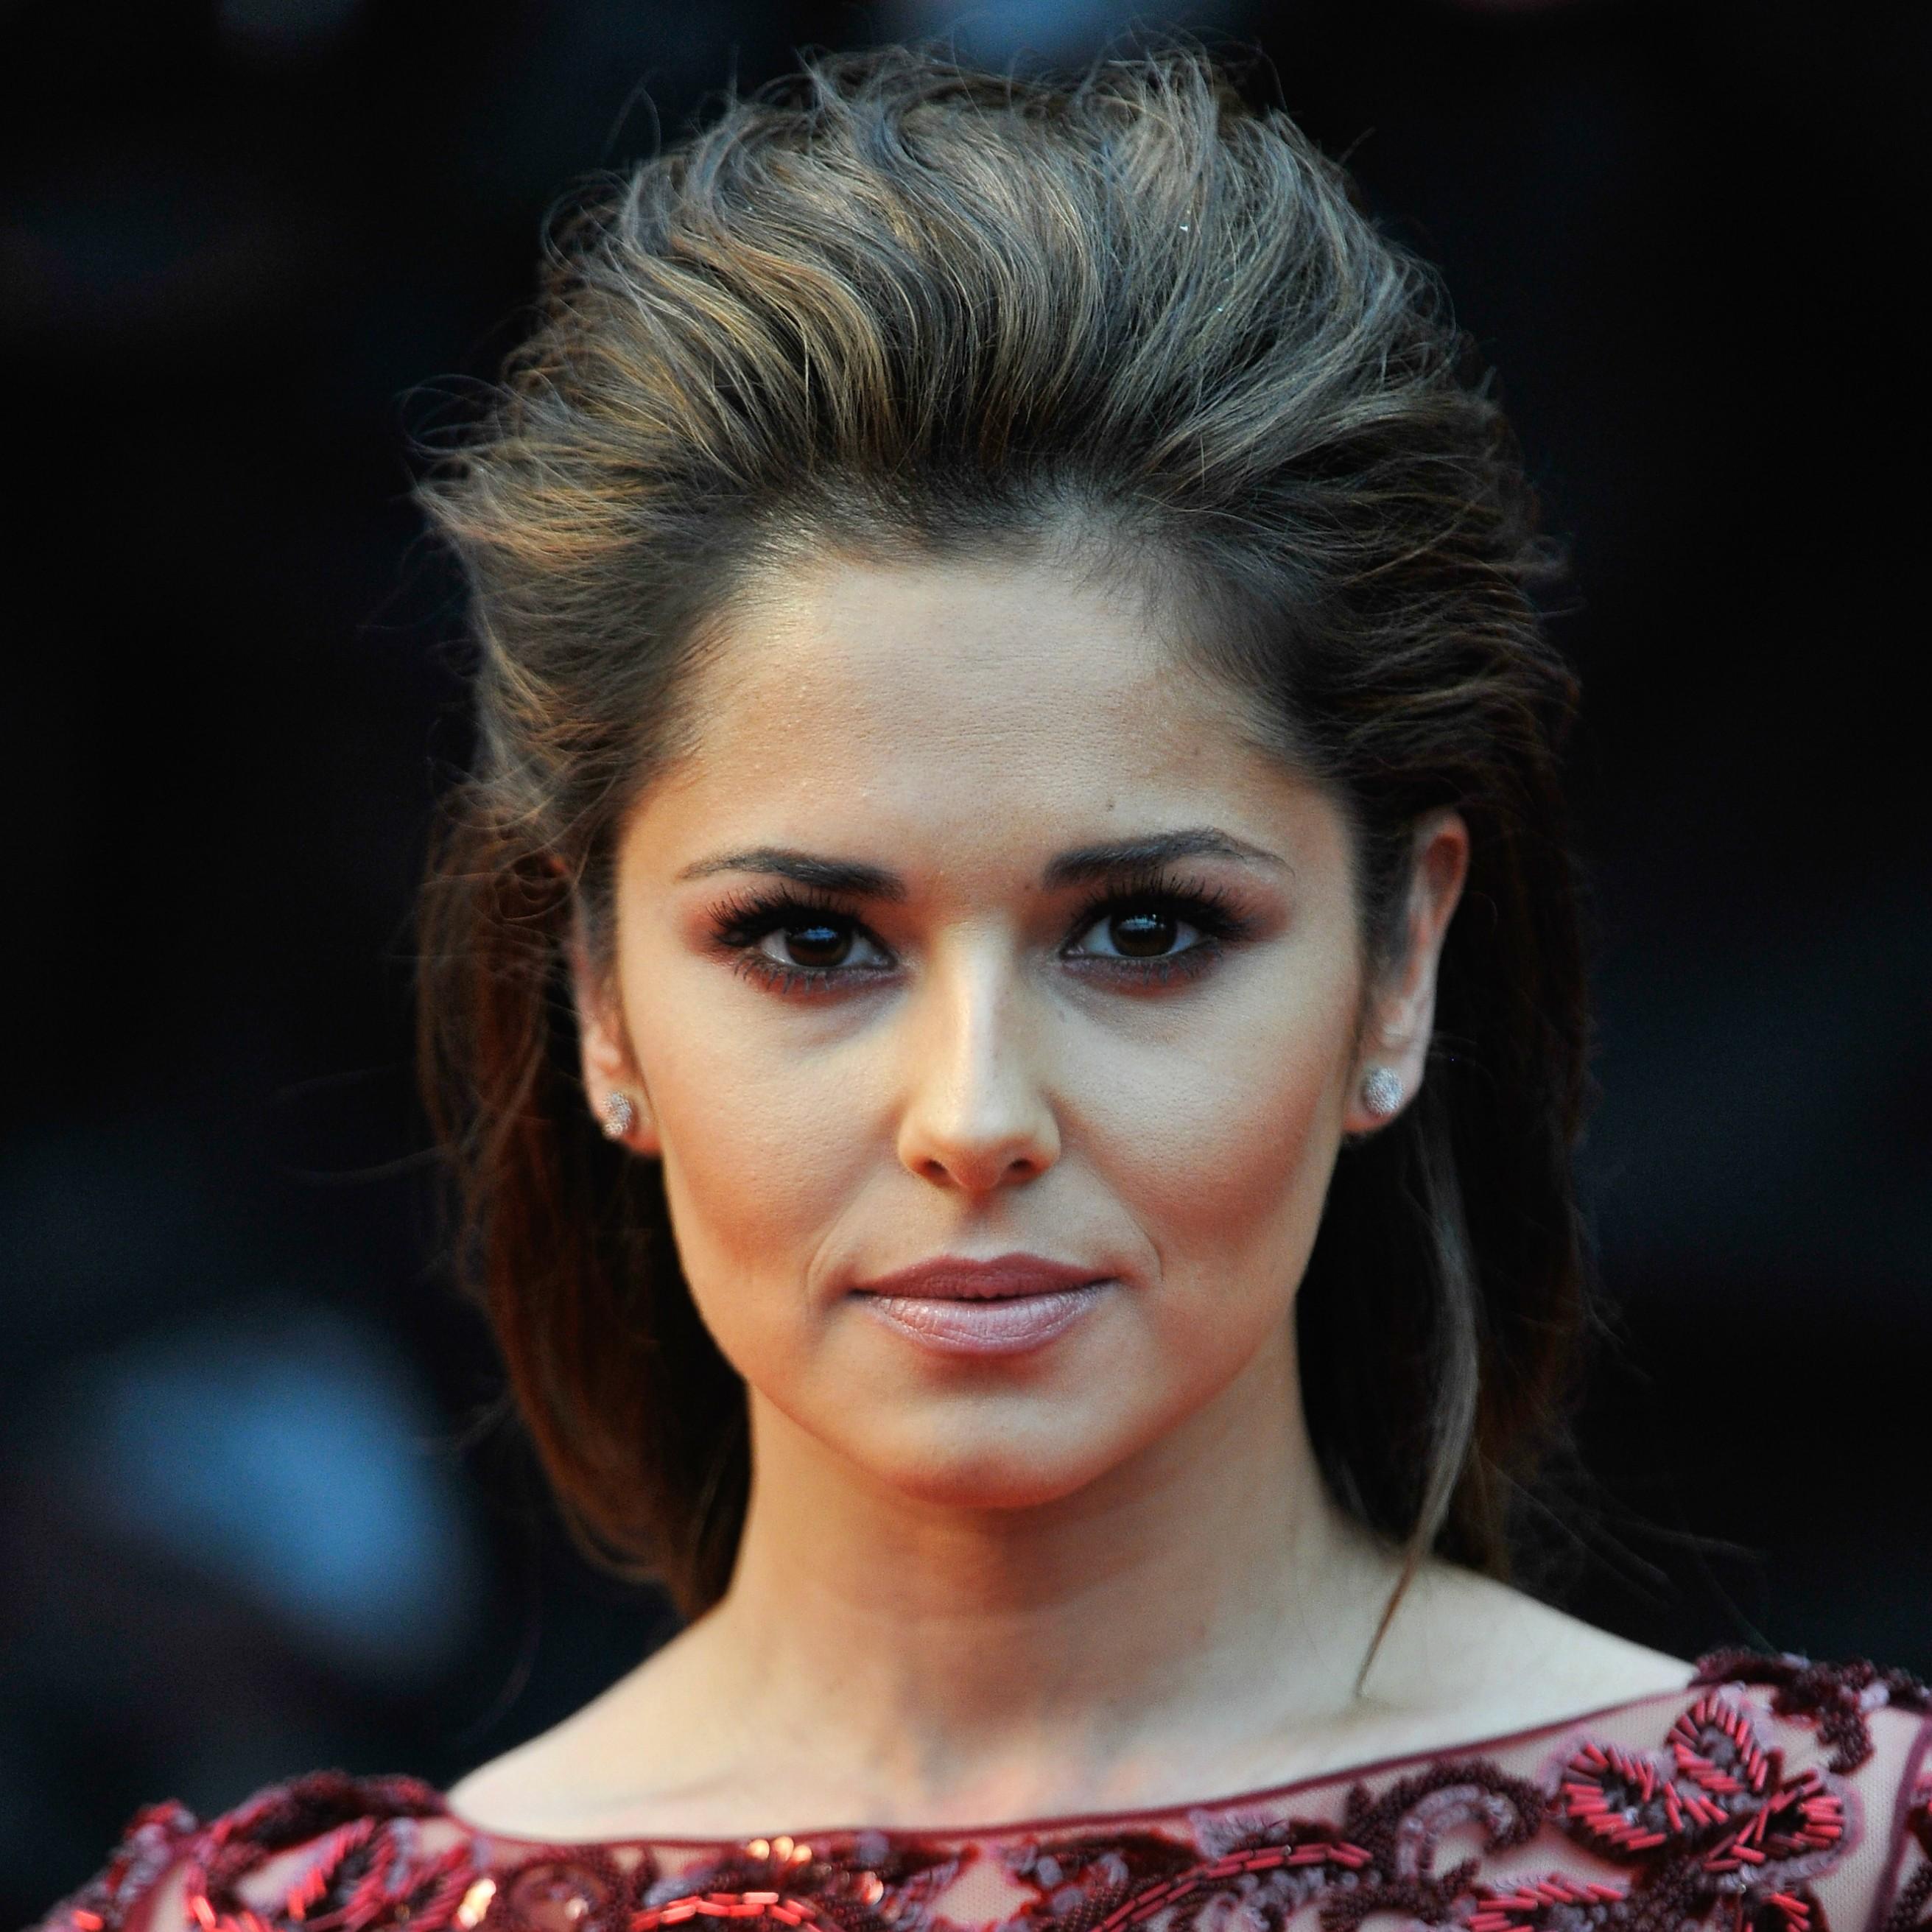 Os médicos disseram à cantora britânica Cheryl Cole, jurada do programa 'The X Factor', que ela tinha só 24 horas de vida quando contraiu malária numa viagem à Tanzânia em 2010. (Foto: Getty Images)